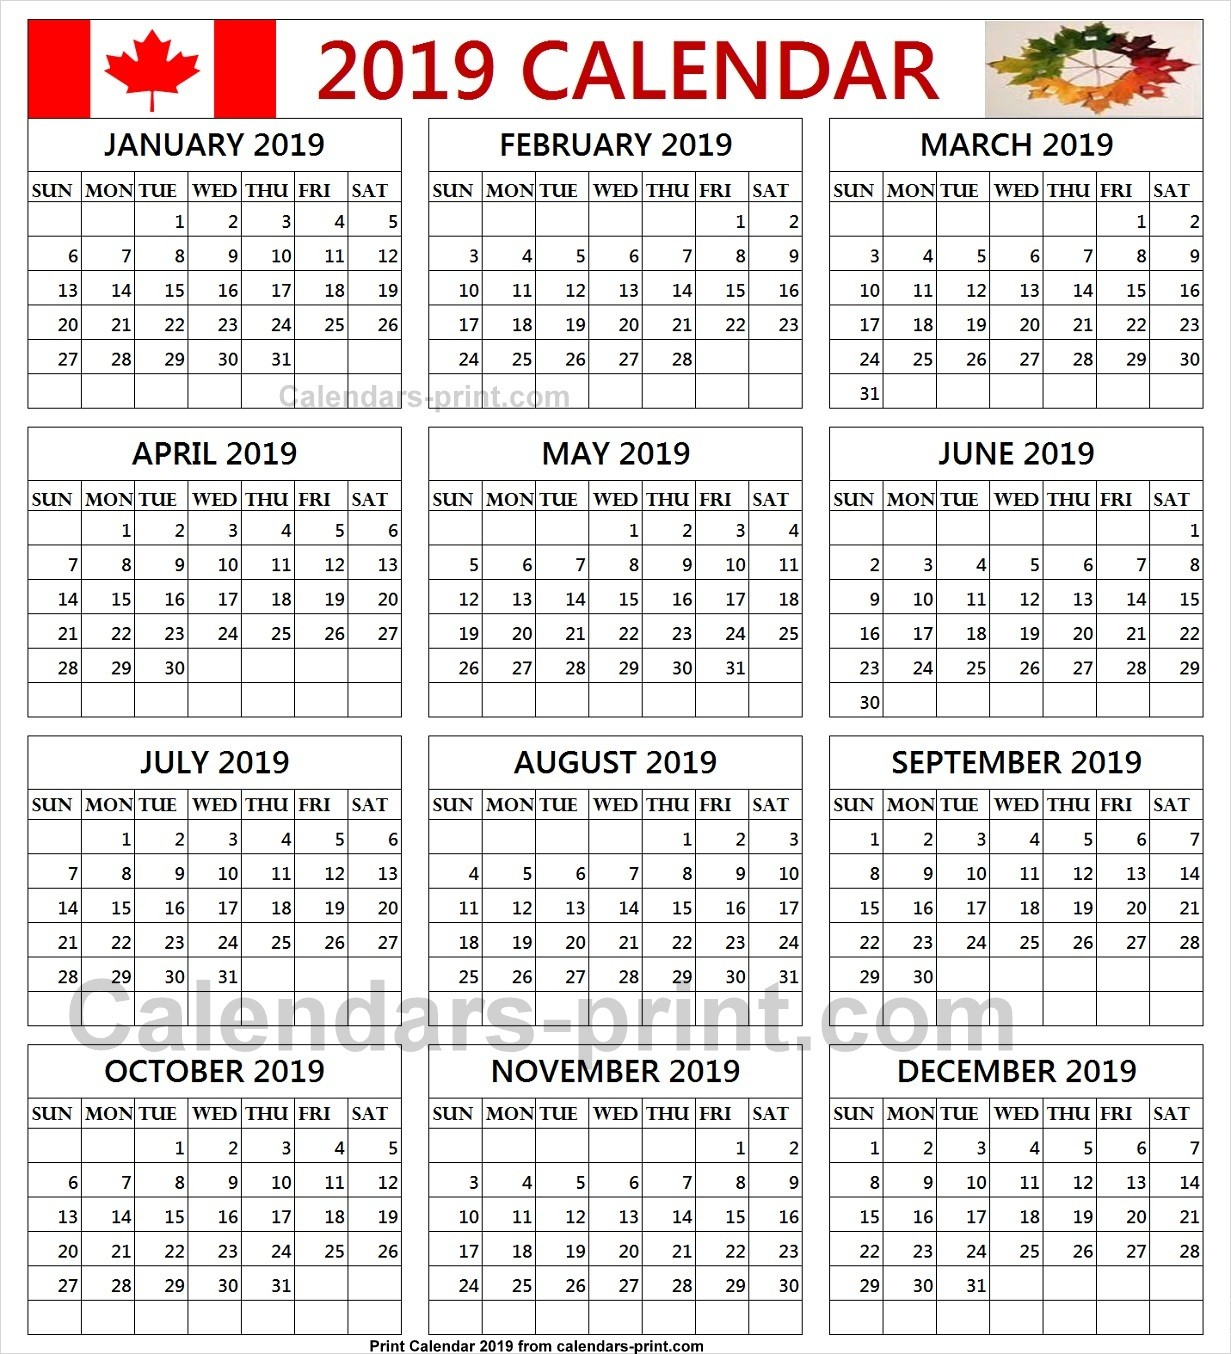 Calendar 2019 Canada Printable Free Calendar 2019 Canada Printable Template with Notes